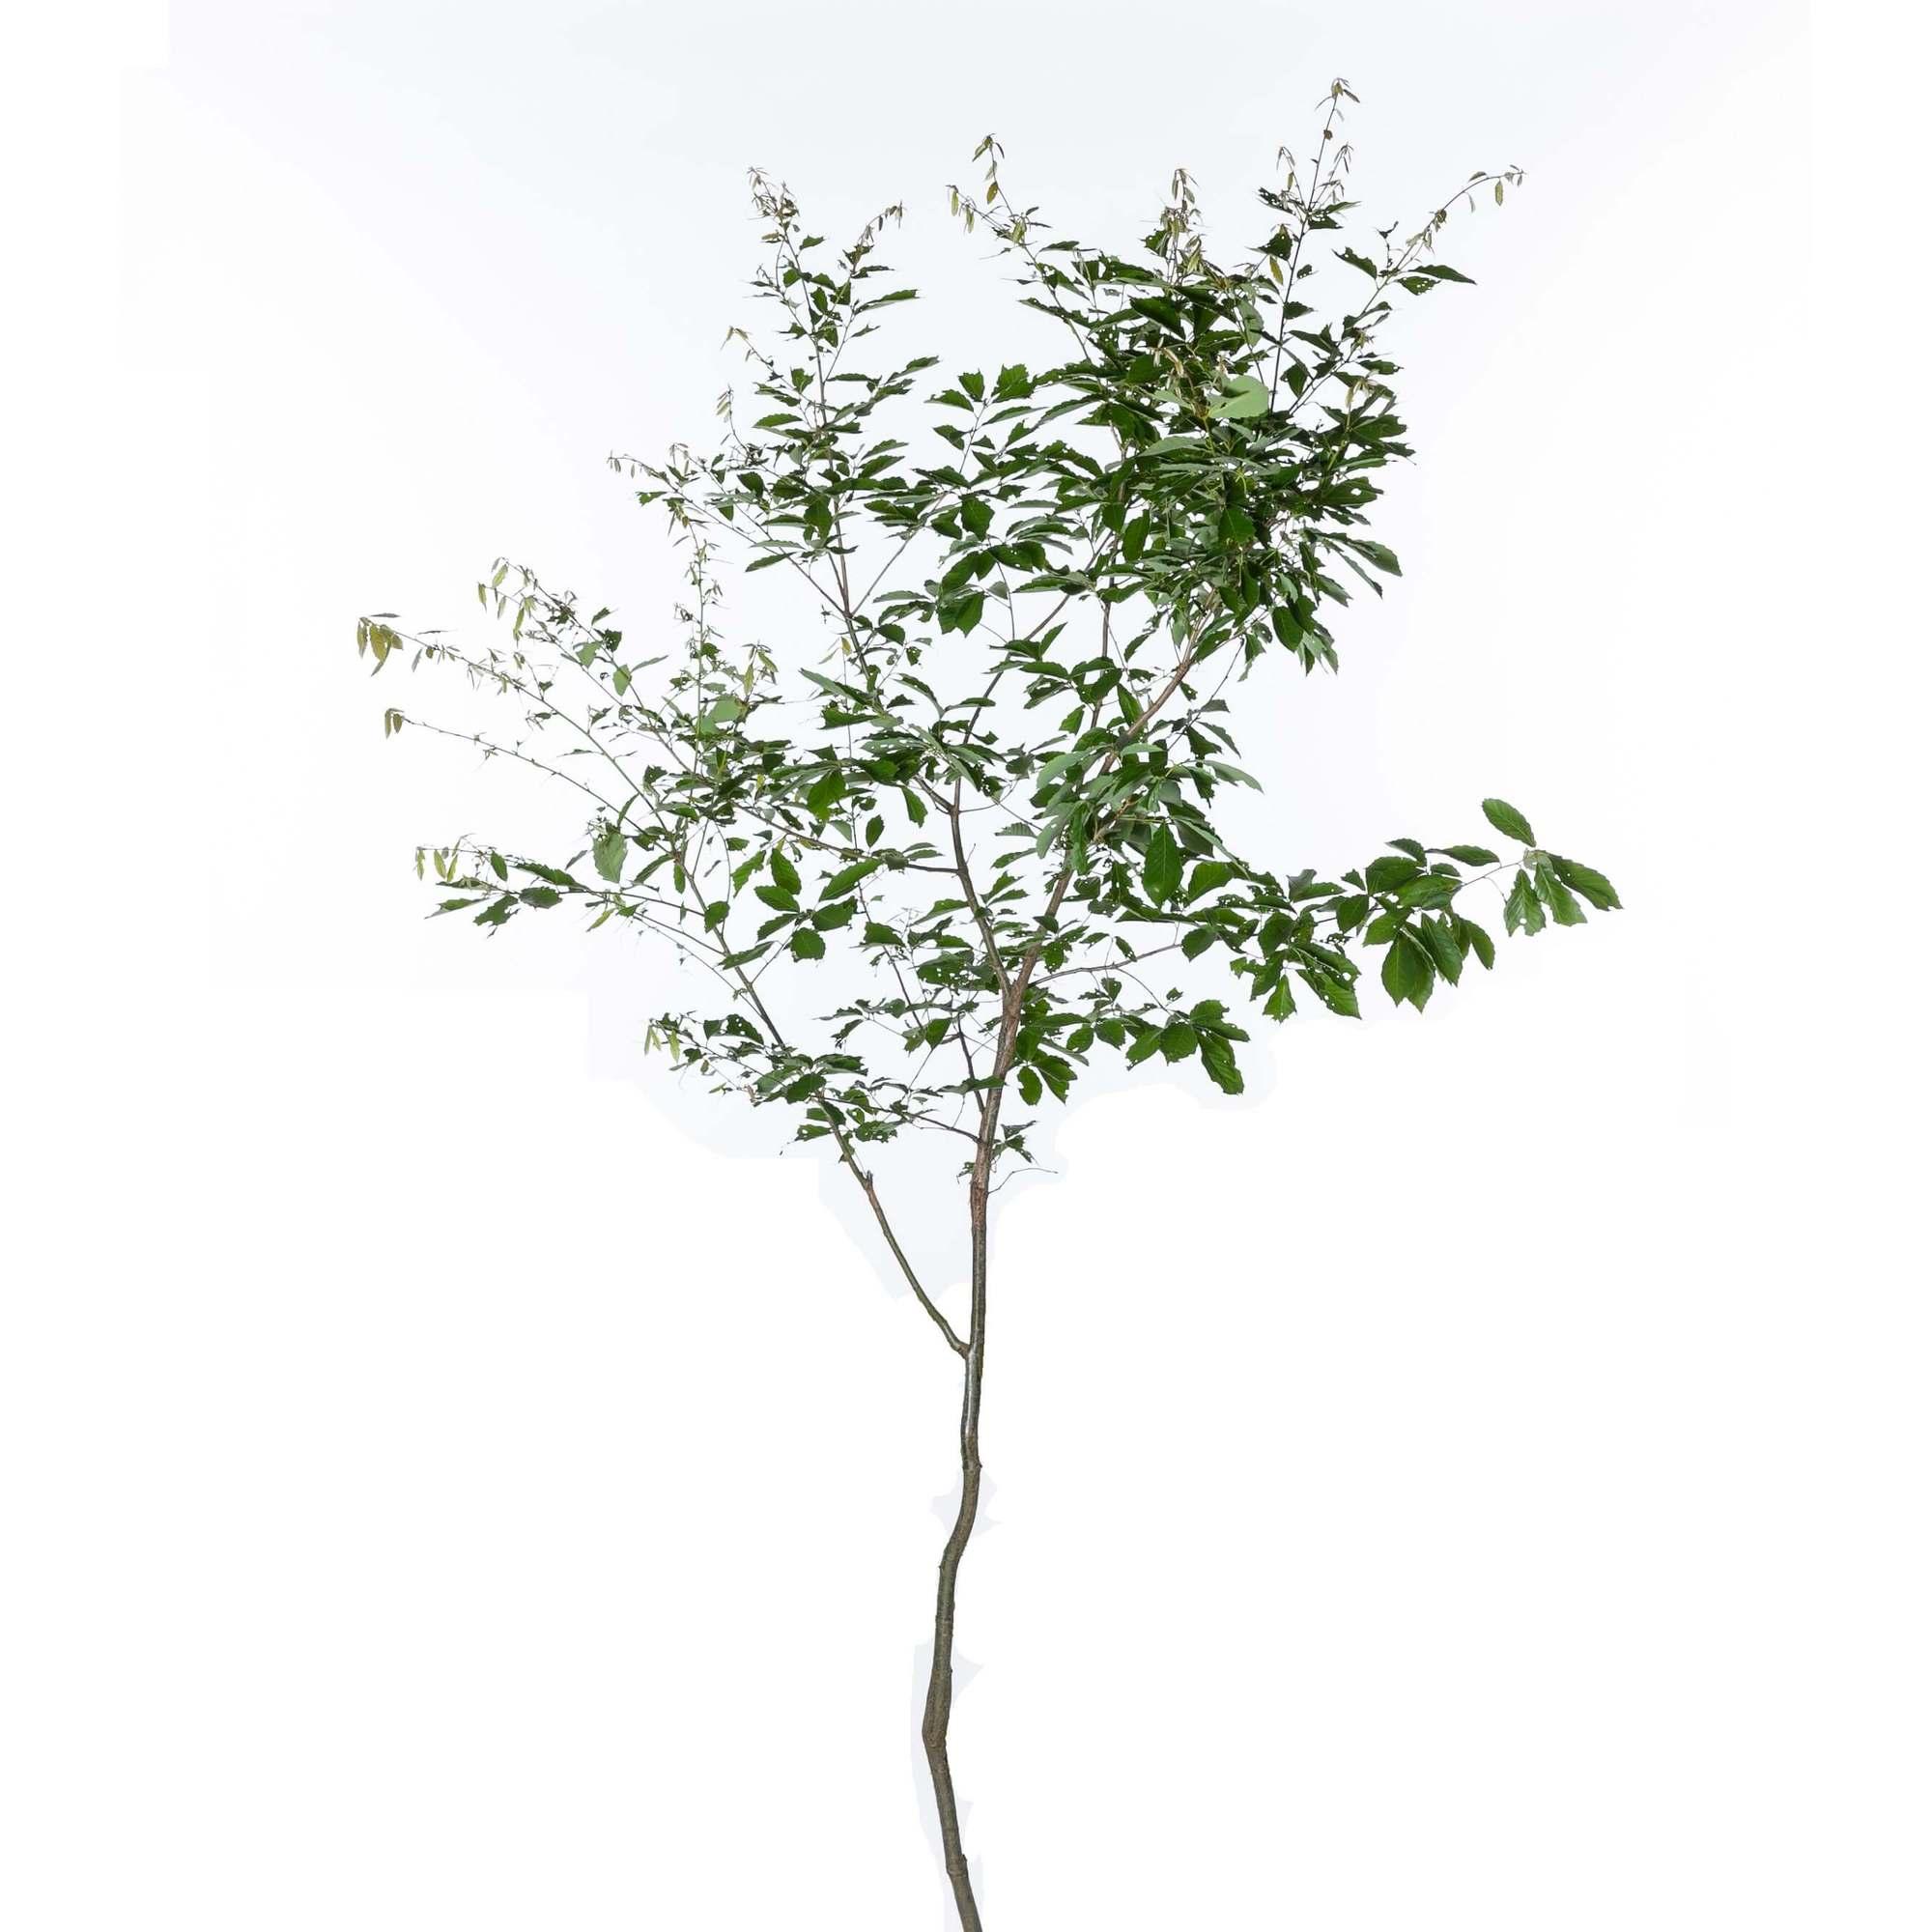 コナラ 落葉高木 雑木 ドングリ 植栽